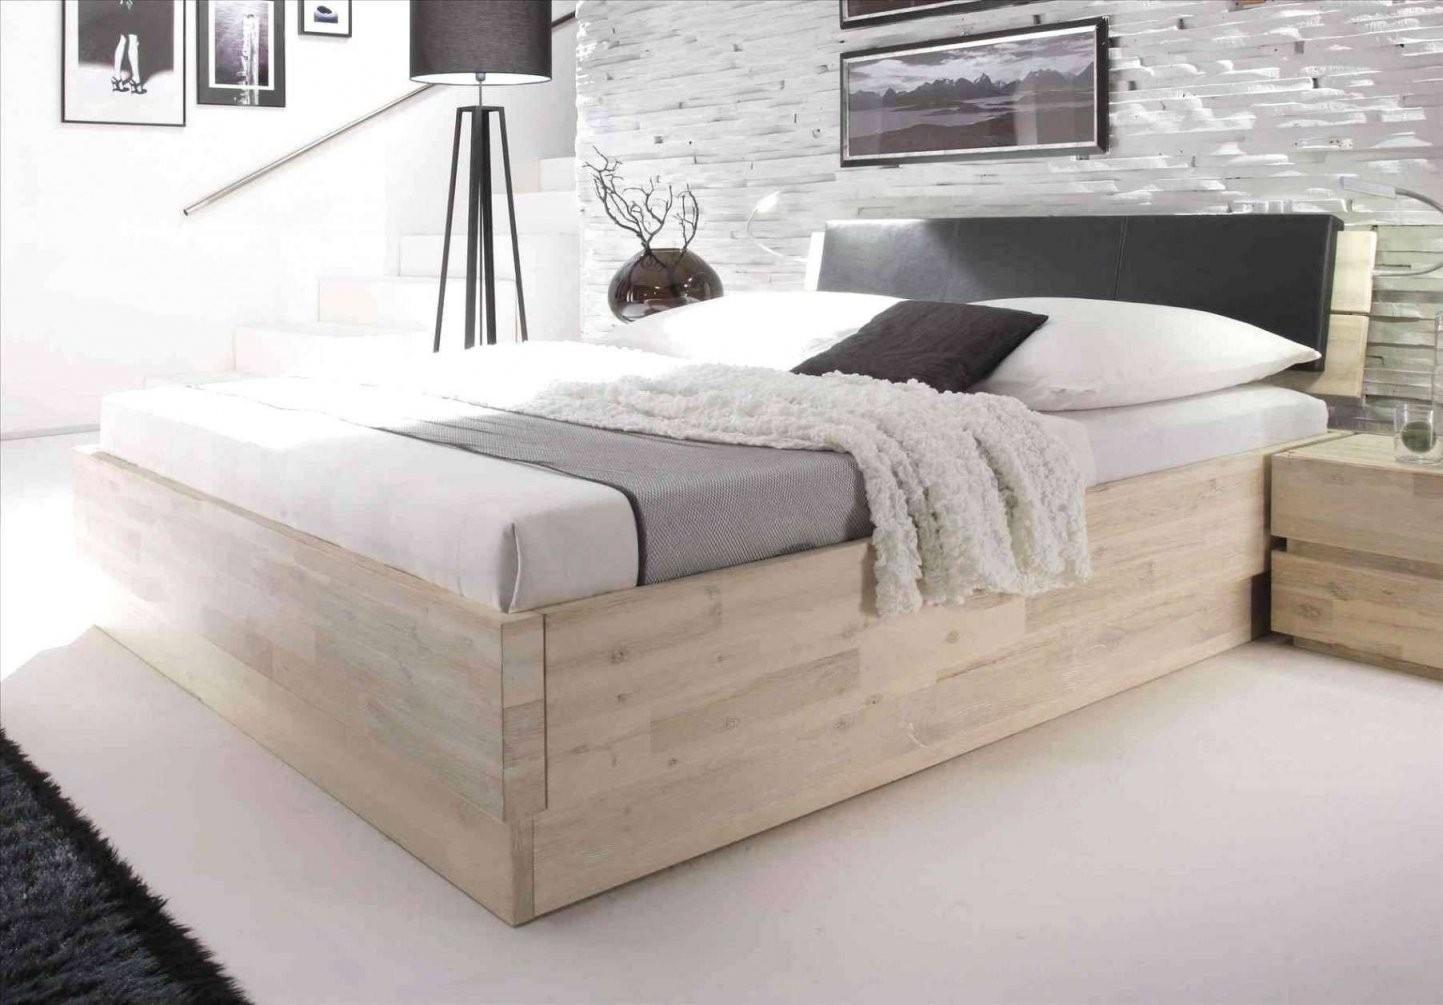 Bett Selber Bauen Stauraum Bett Selber Bauen Kreativ Best Bett von Bett Selber Bauen Kreativ Photo